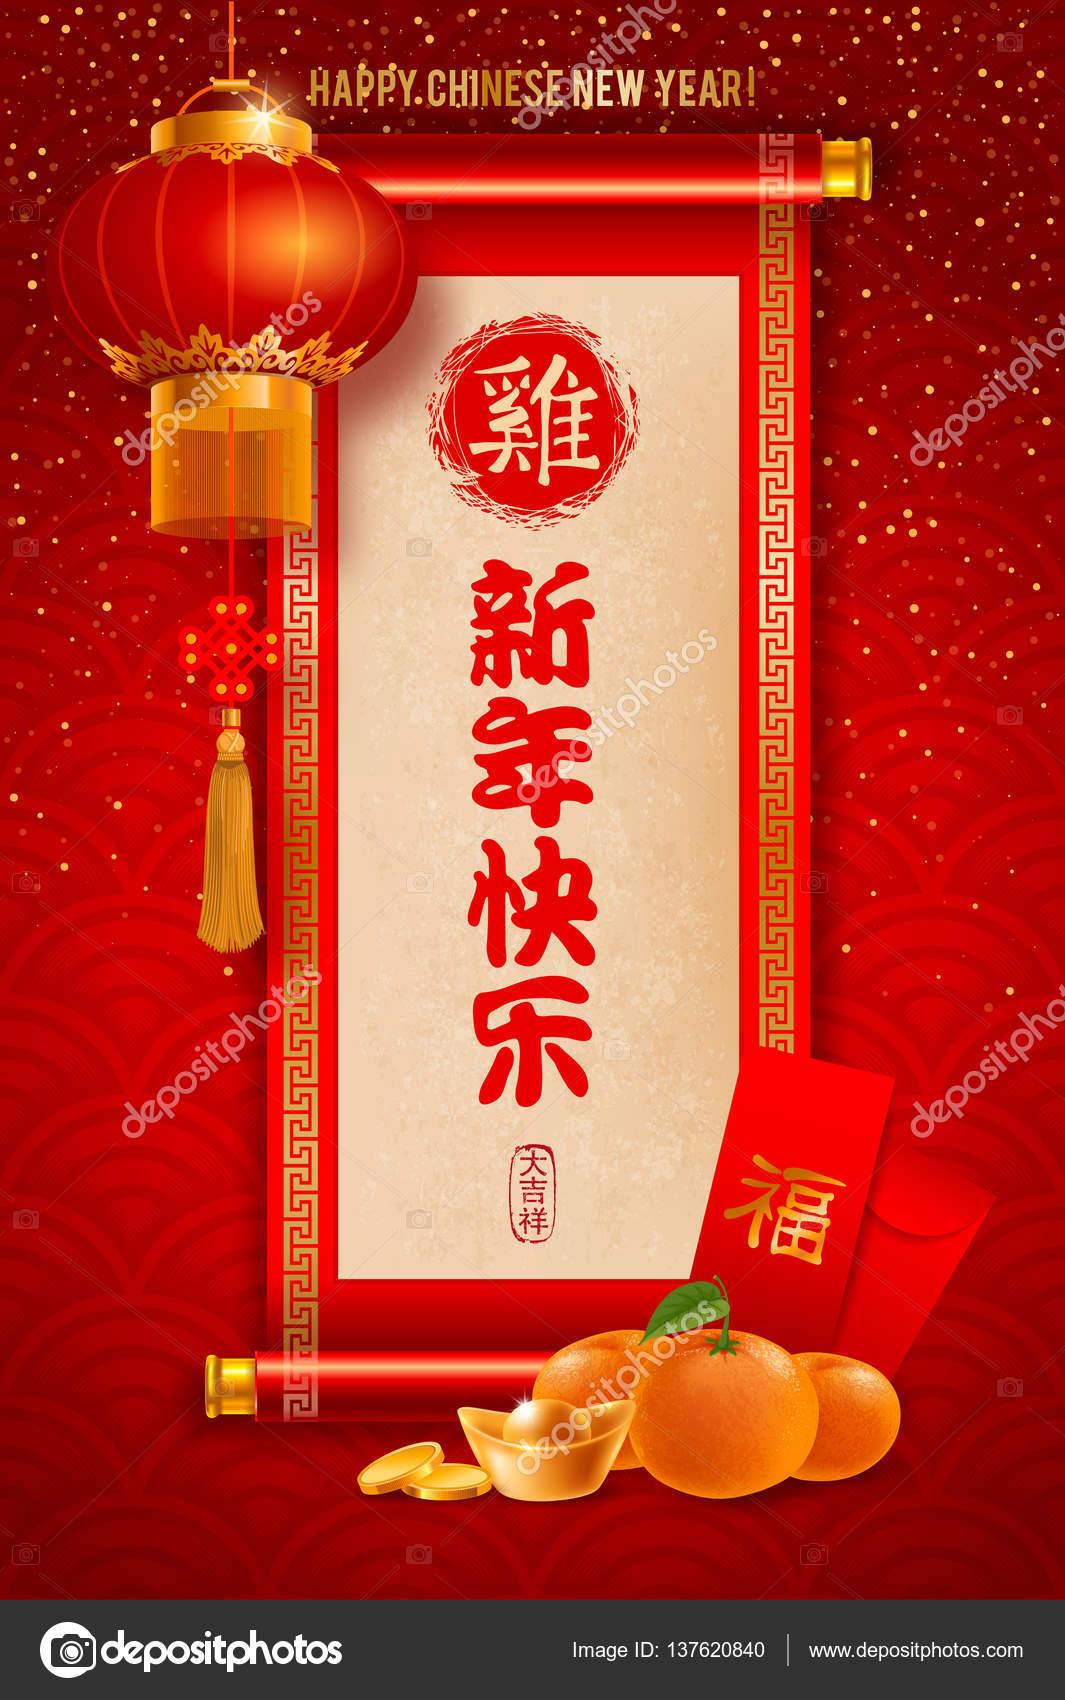 Chinesisches Neujahr-Begrüßung — Stockvektor © Pazhyna #137620840